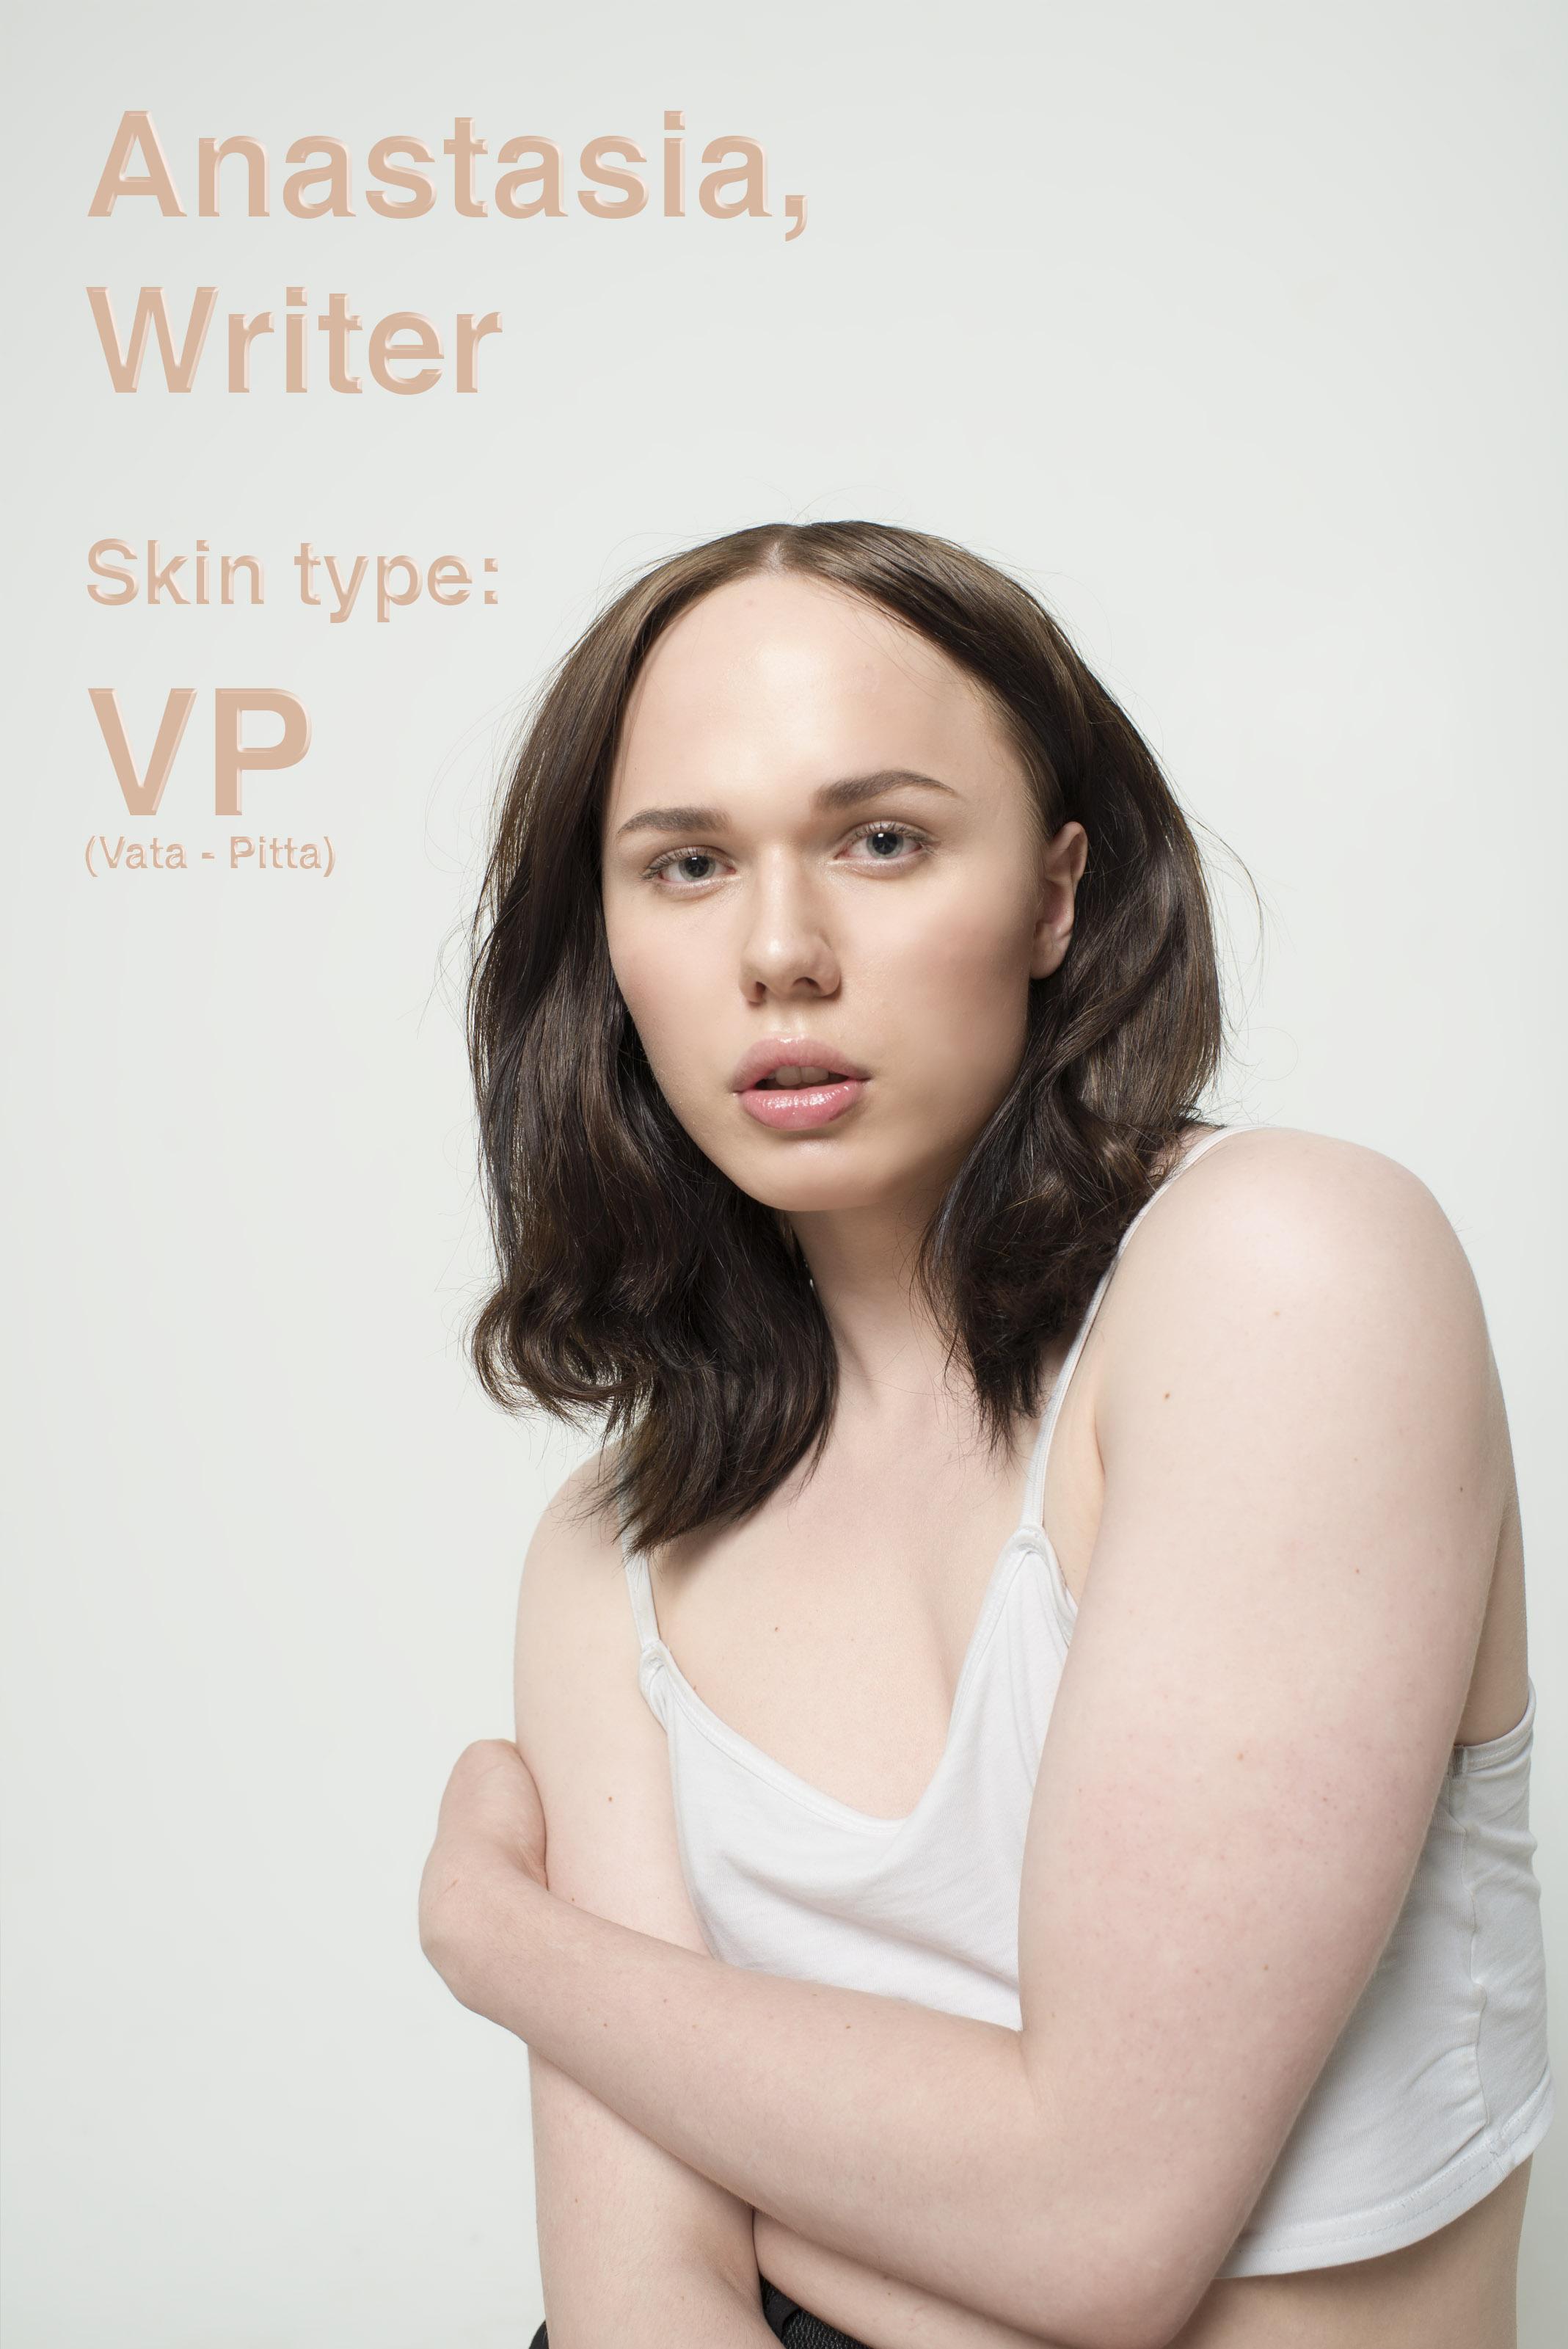 anastasia skin type